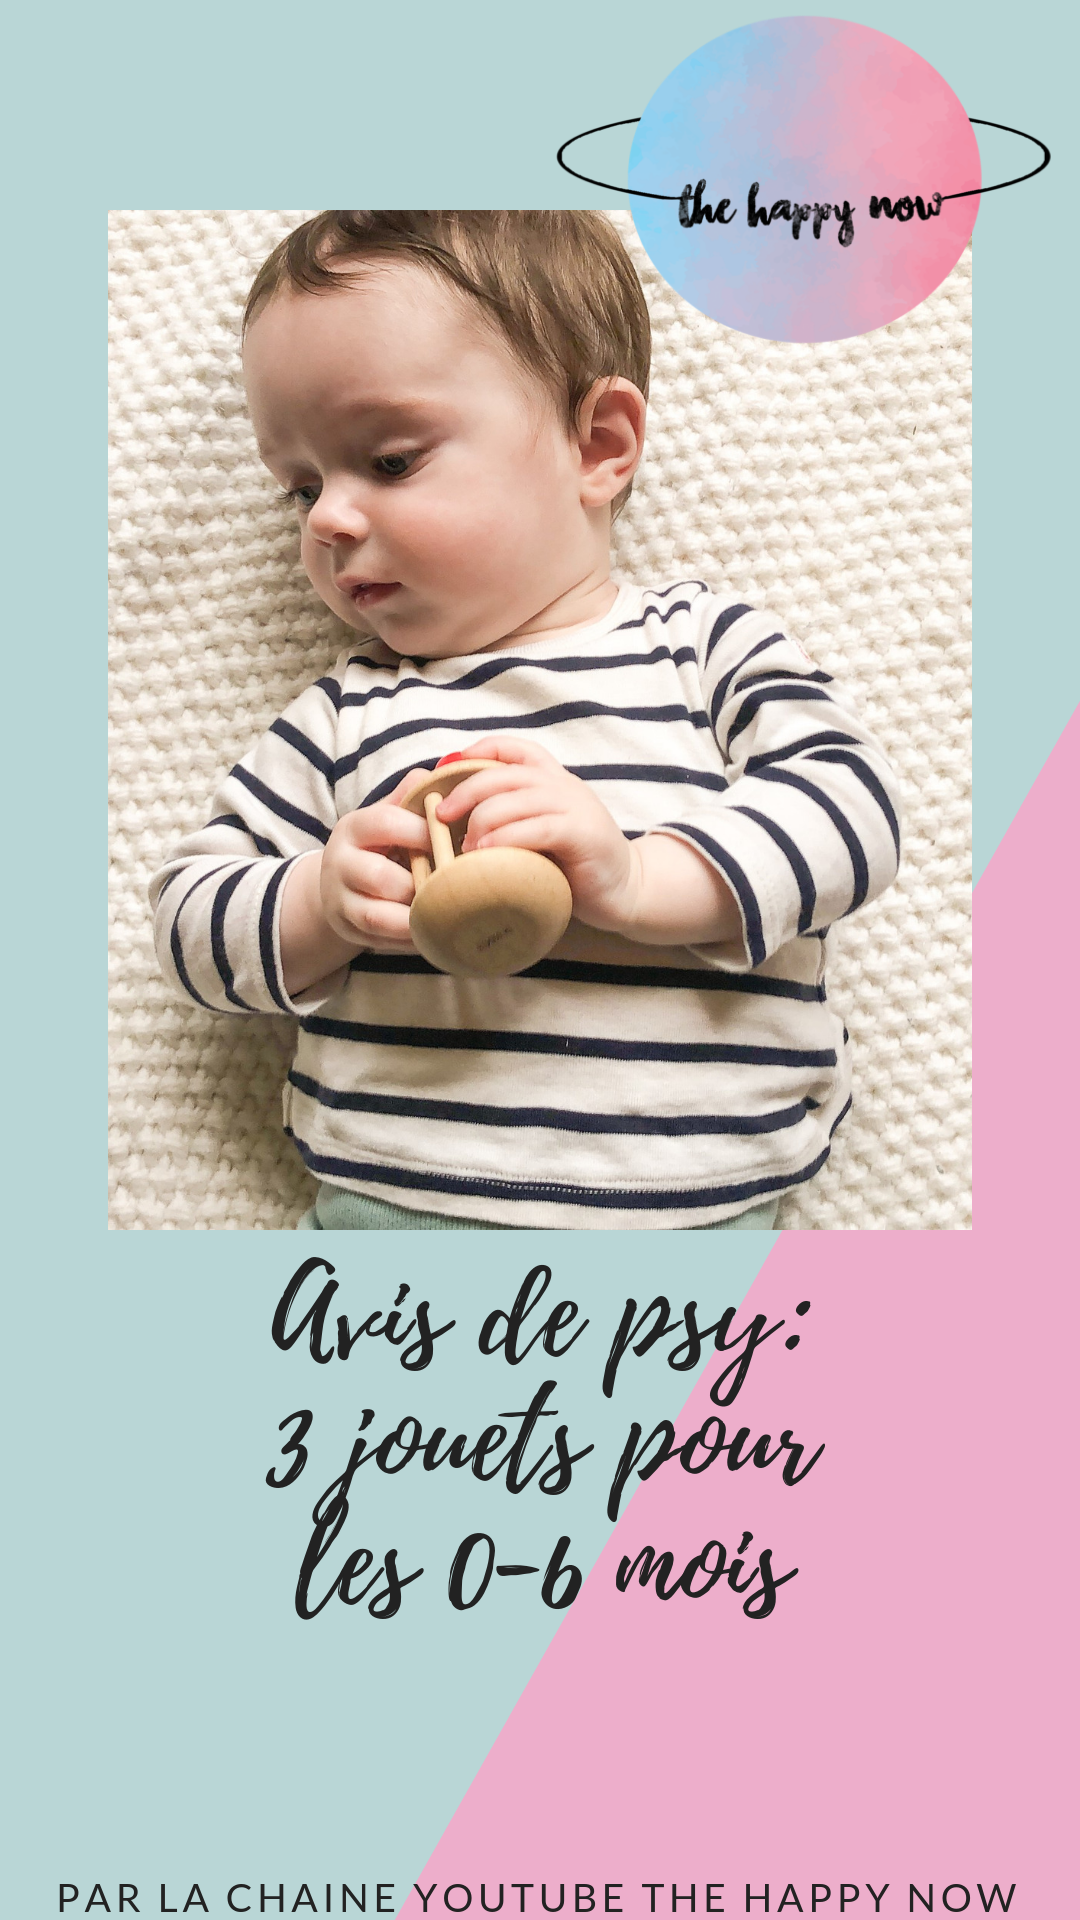 avis de psy : 3 jouets pour les bébés de 0 à 6 mois